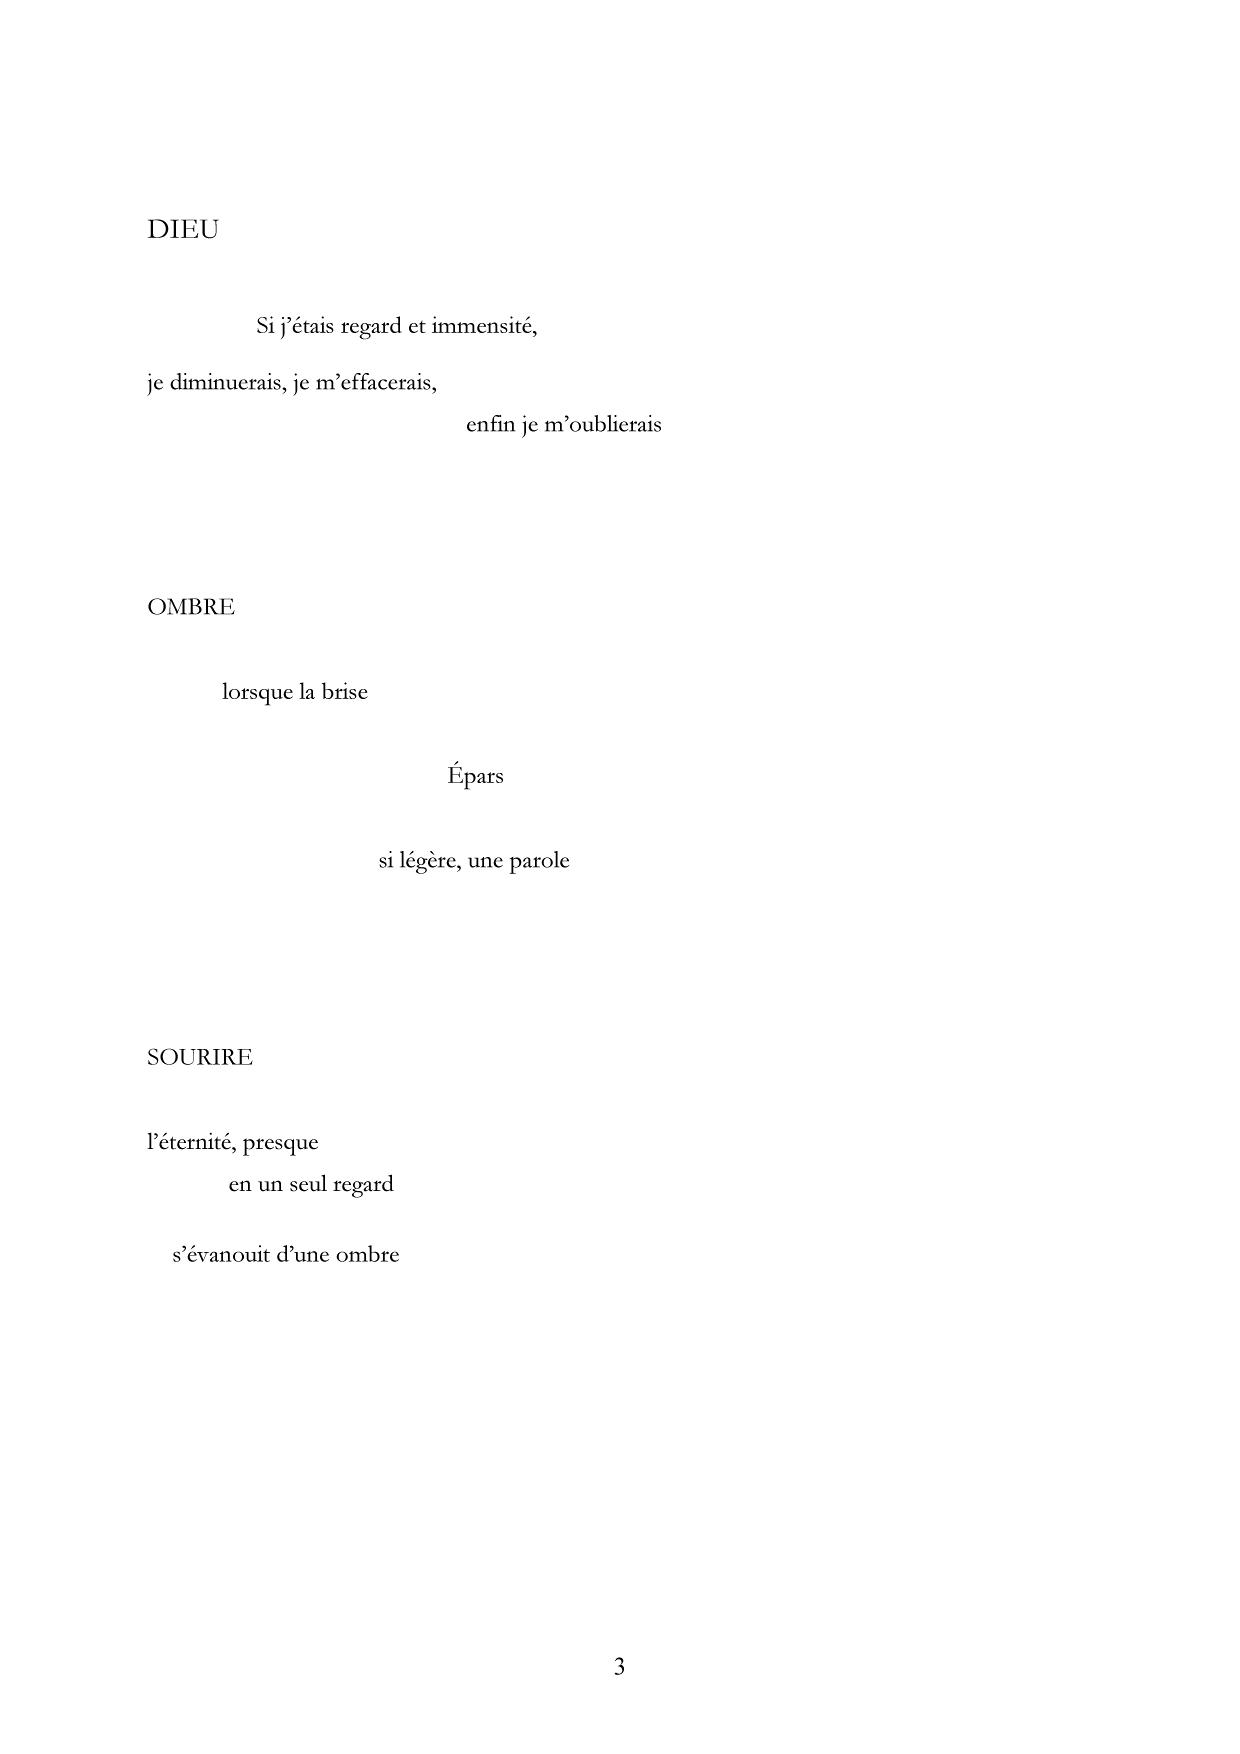 Monologue des sources, Extrait 3 Lachenal & Ritter-Gallimard, 1987